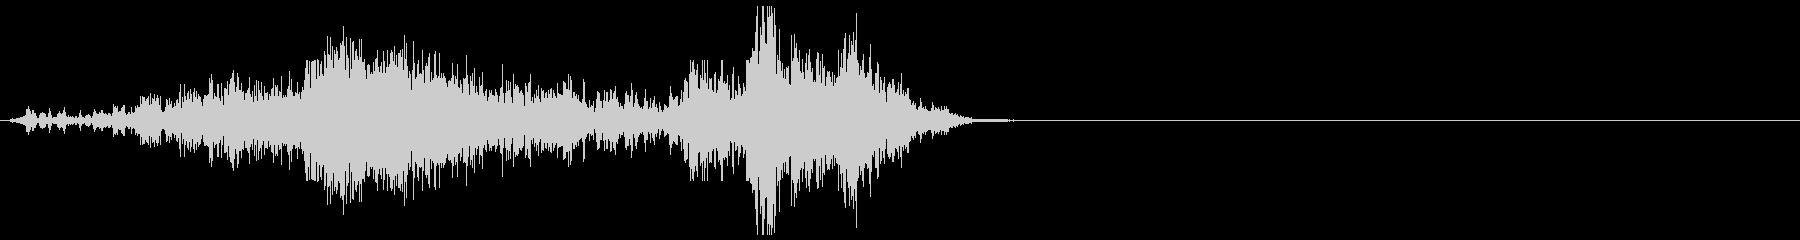 モンスターアクション1の未再生の波形